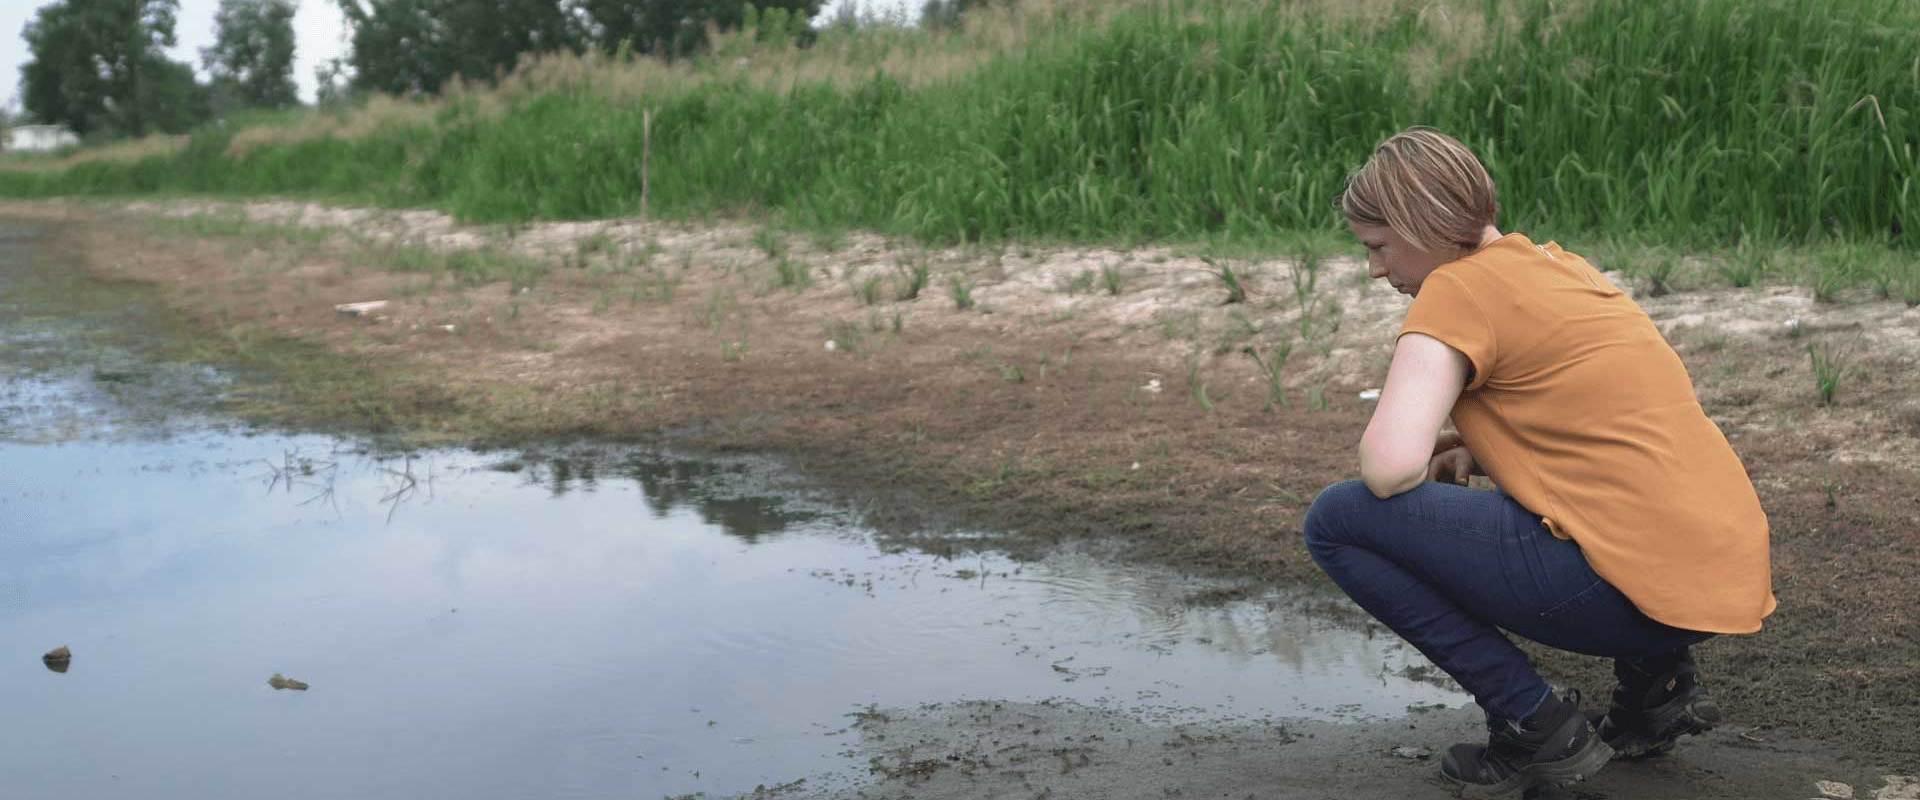 Auf dem Trockenen - Der neue Kampf ums Wasser